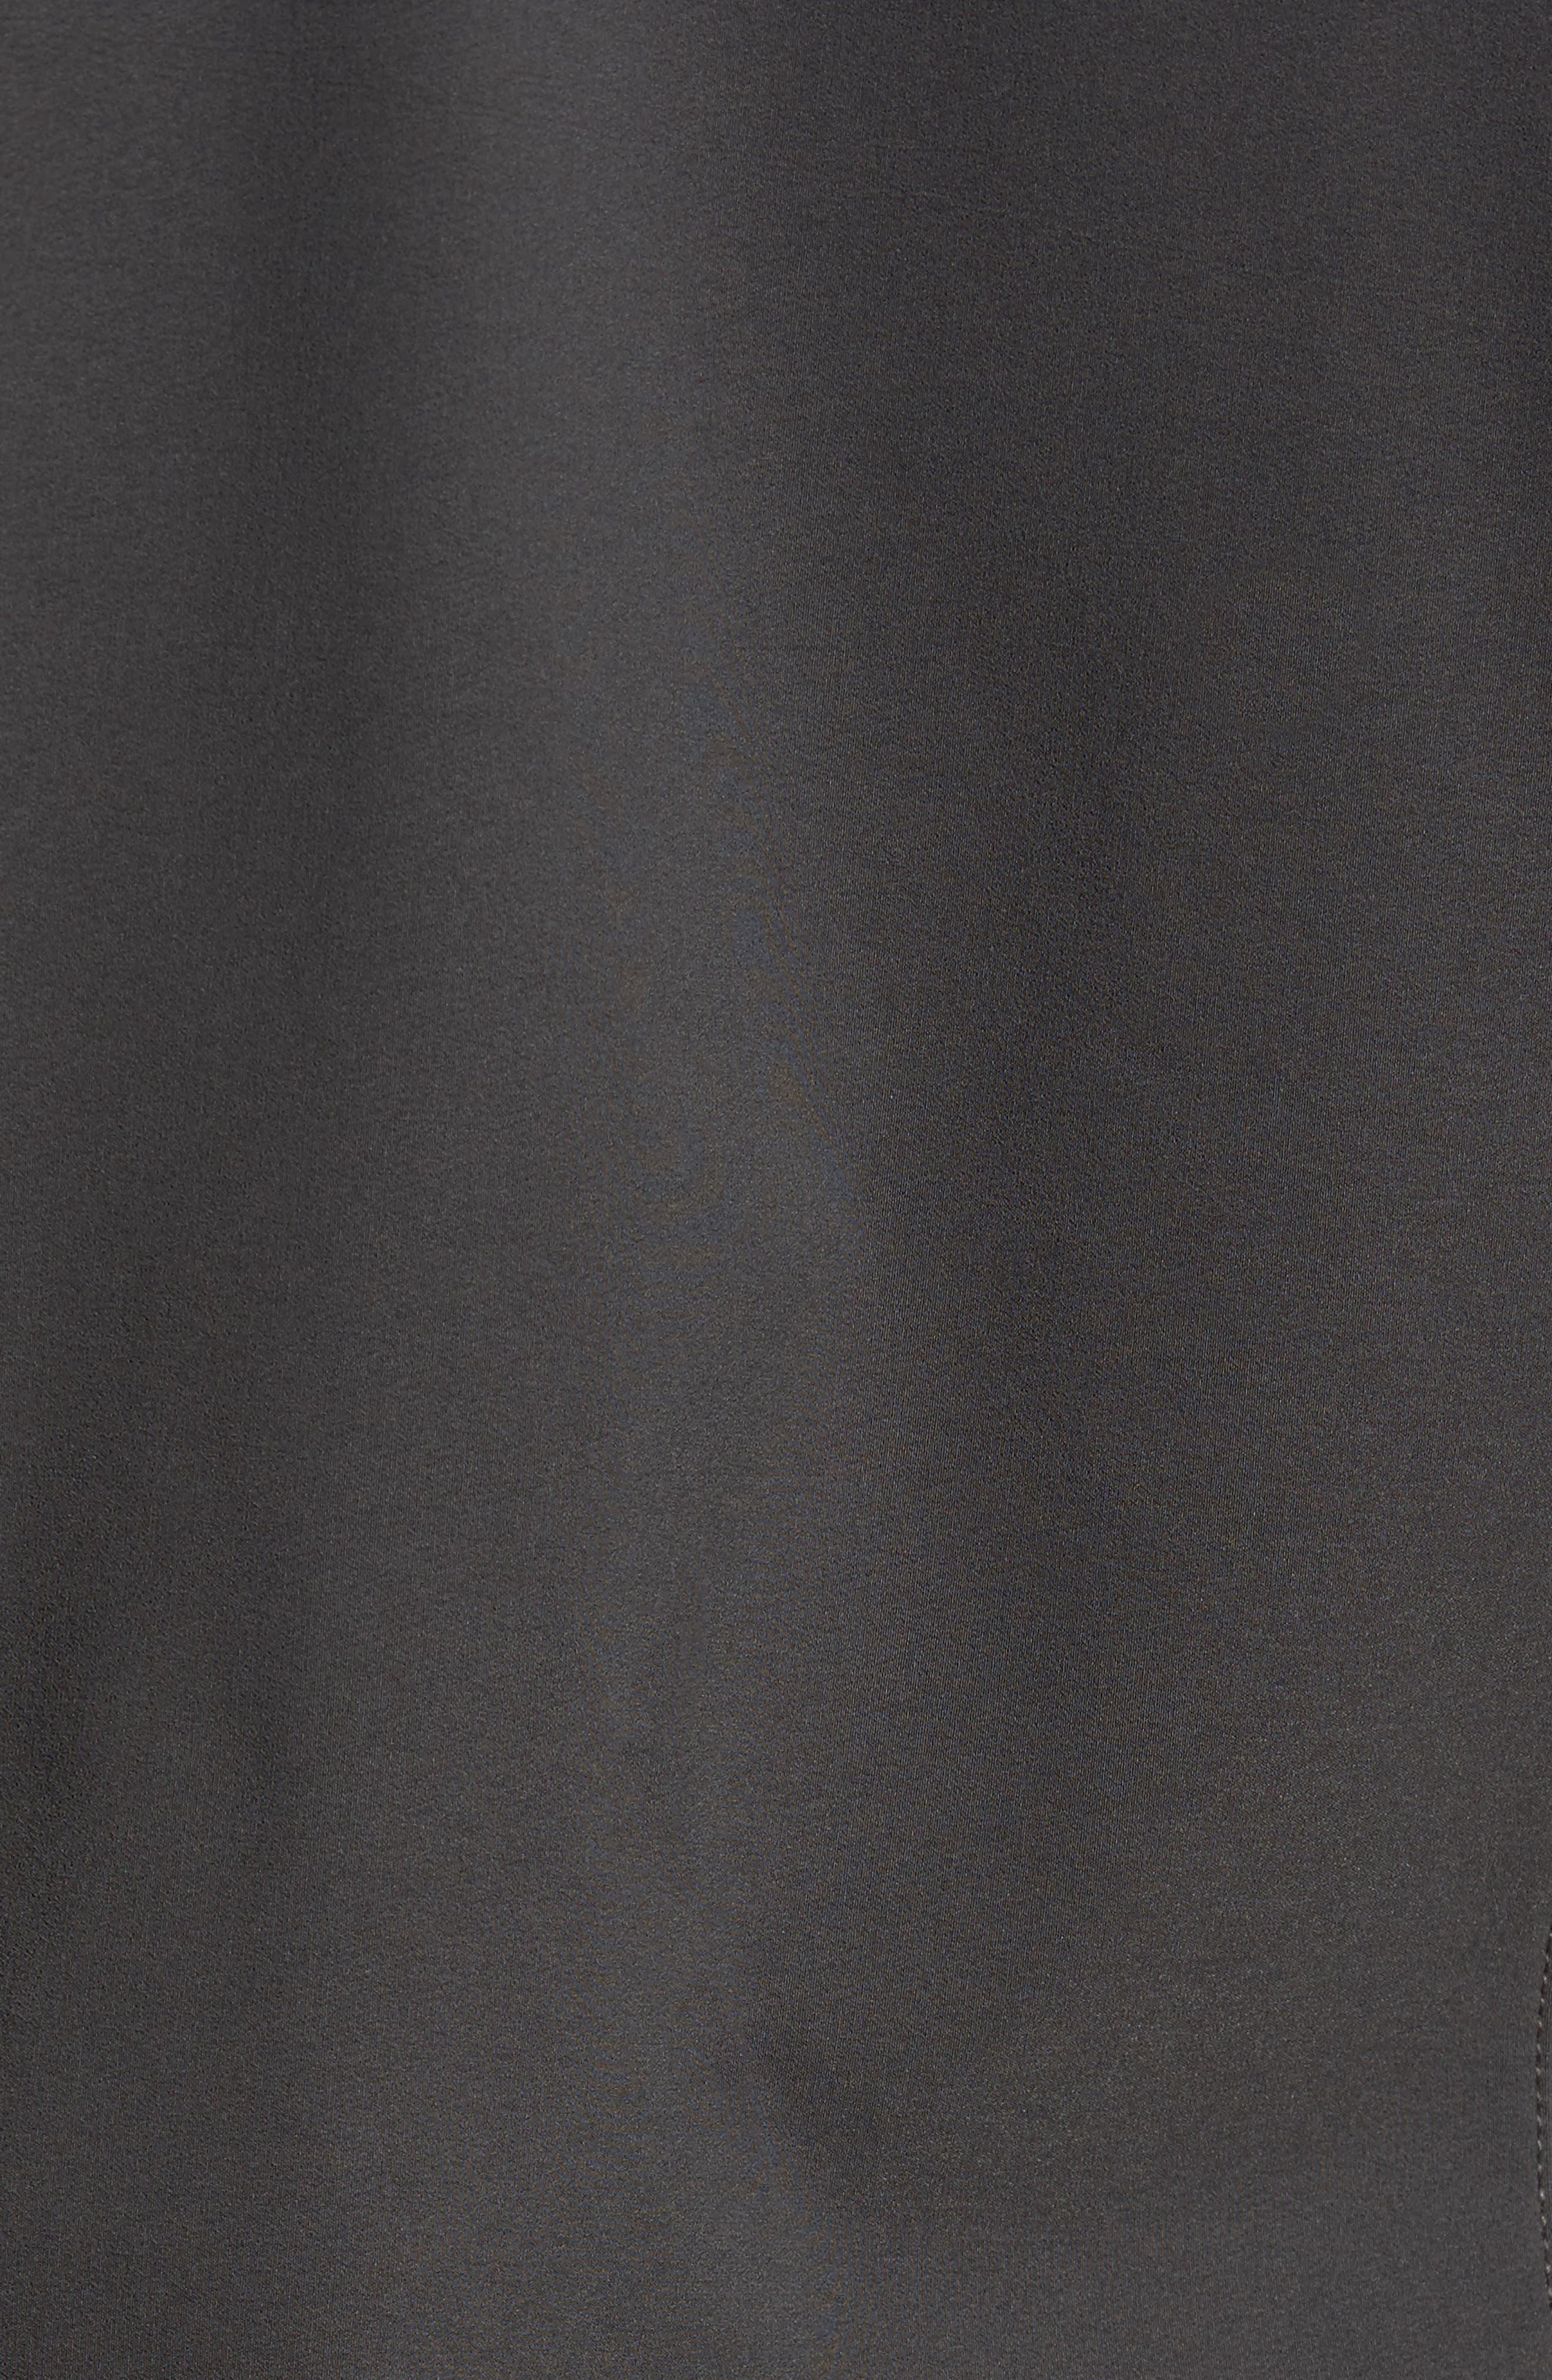 Apex Nimble Jacket,                             Alternate thumbnail 5, color,                             Asphalt Grey/ Asphalt Grey